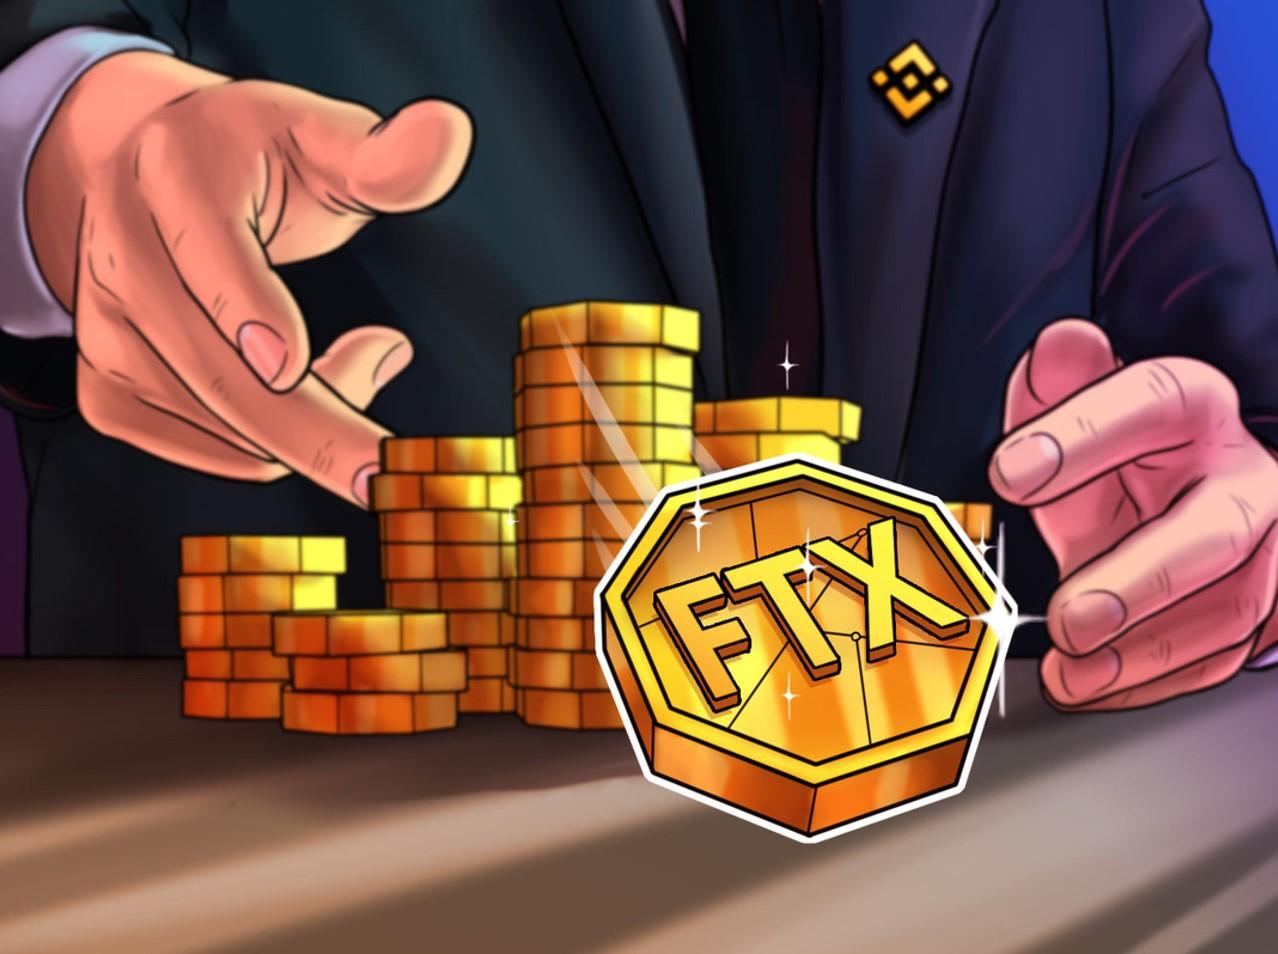 Ftx token  چیست و مزایای آن